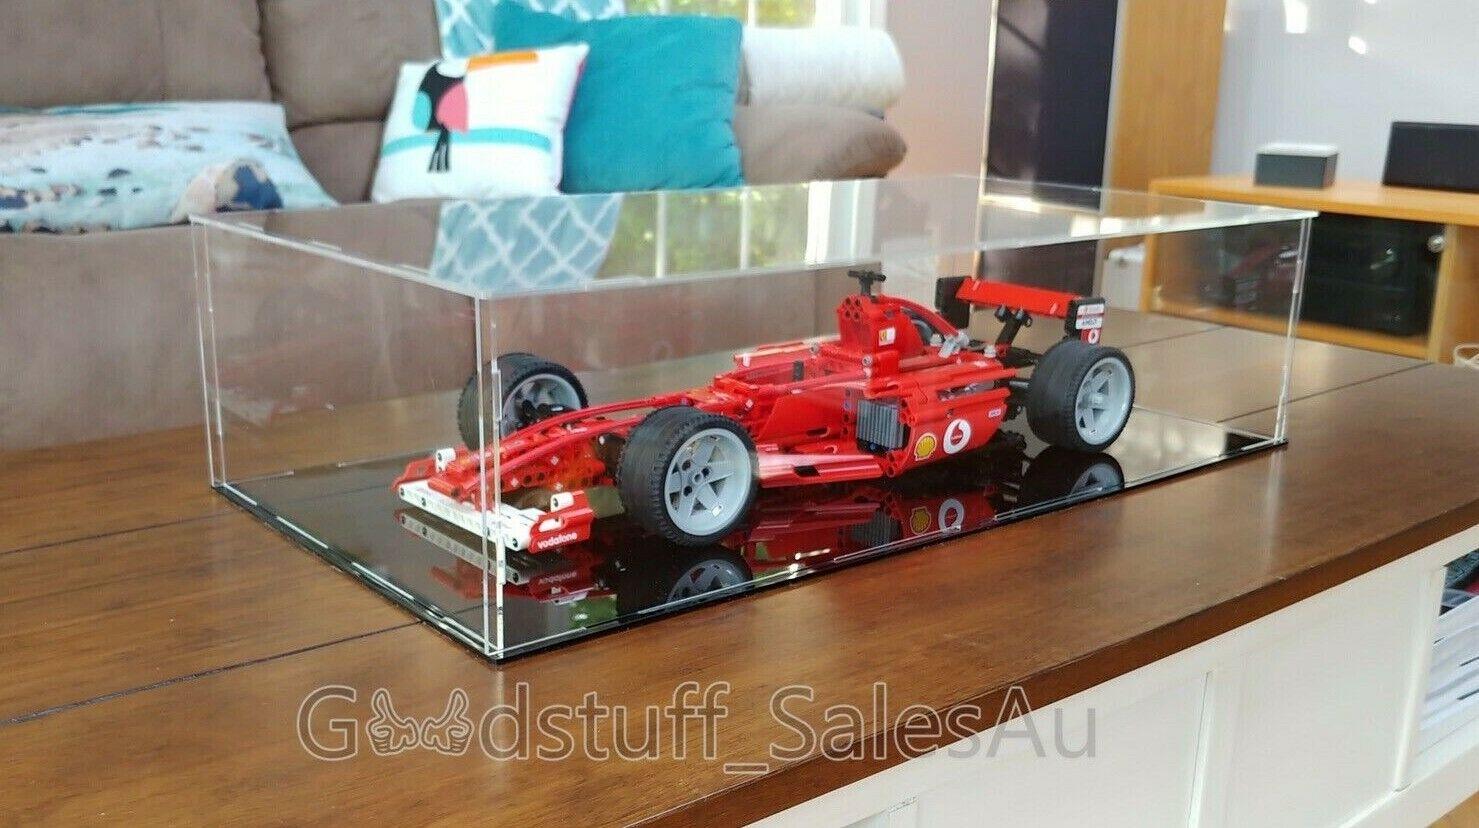 Lego  Display Case for Lego Ferrari F1 8386 Racer  ( Australia Seller)